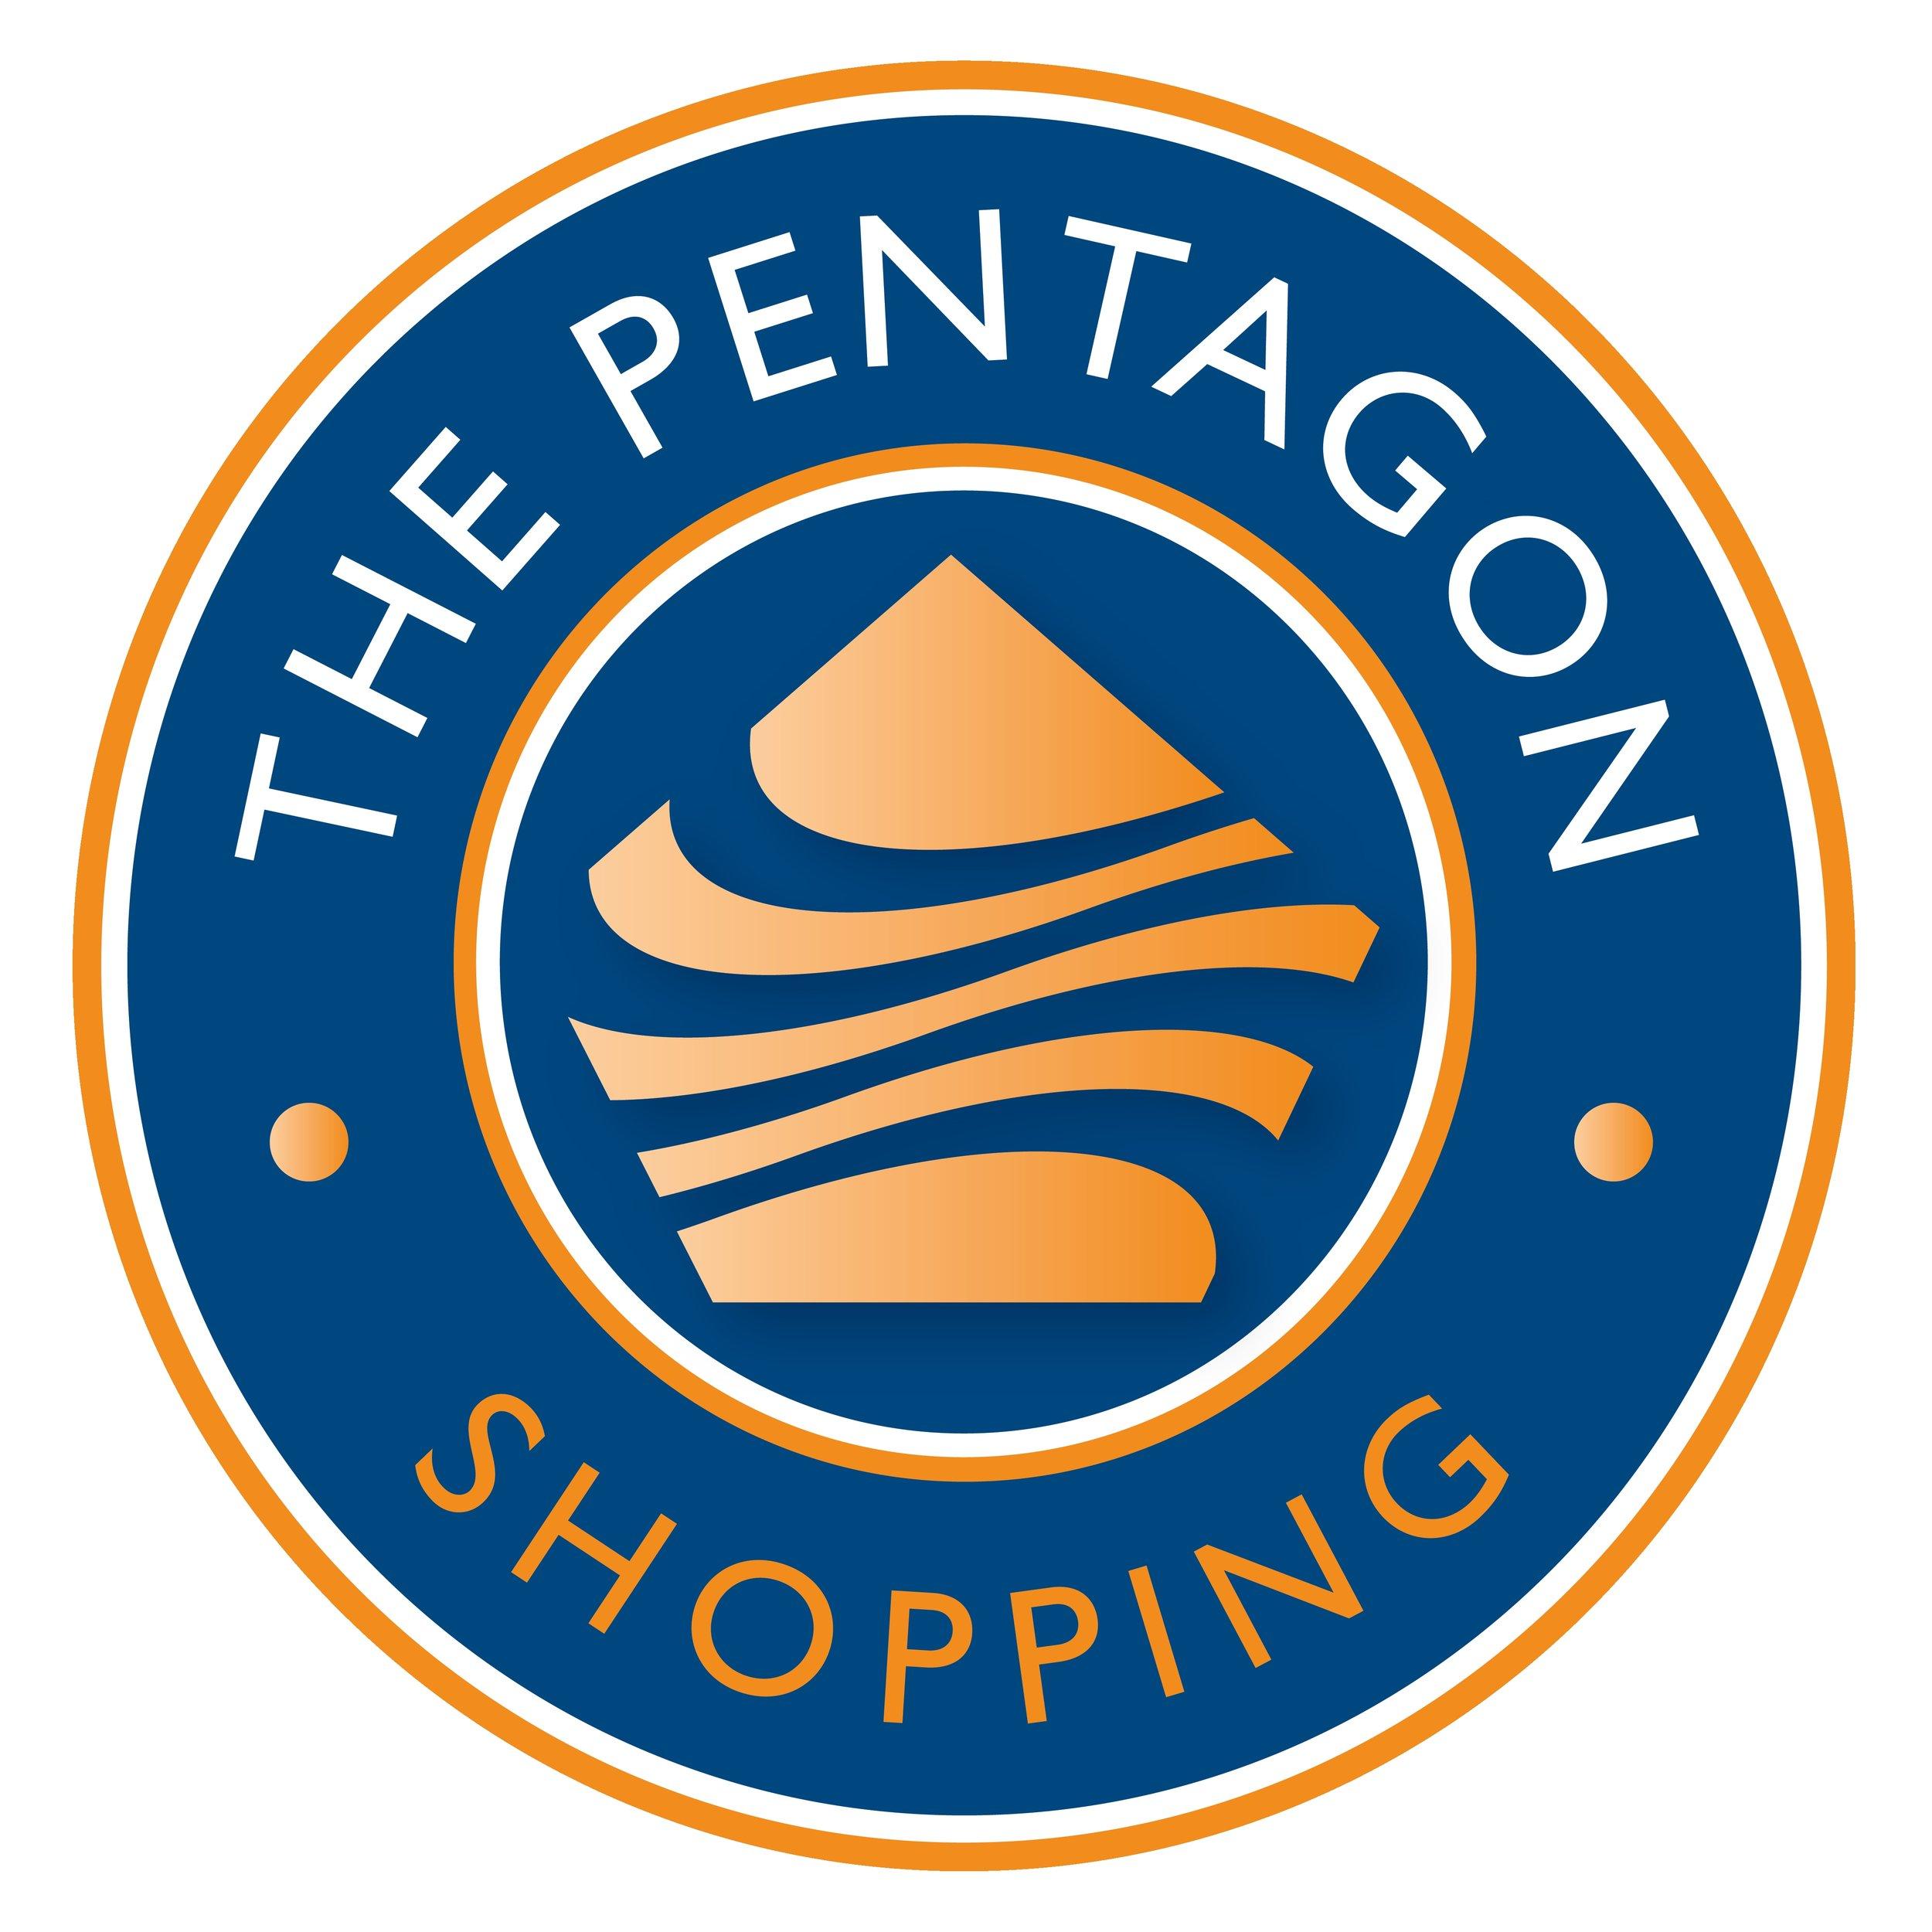 The Pentagon Shopping